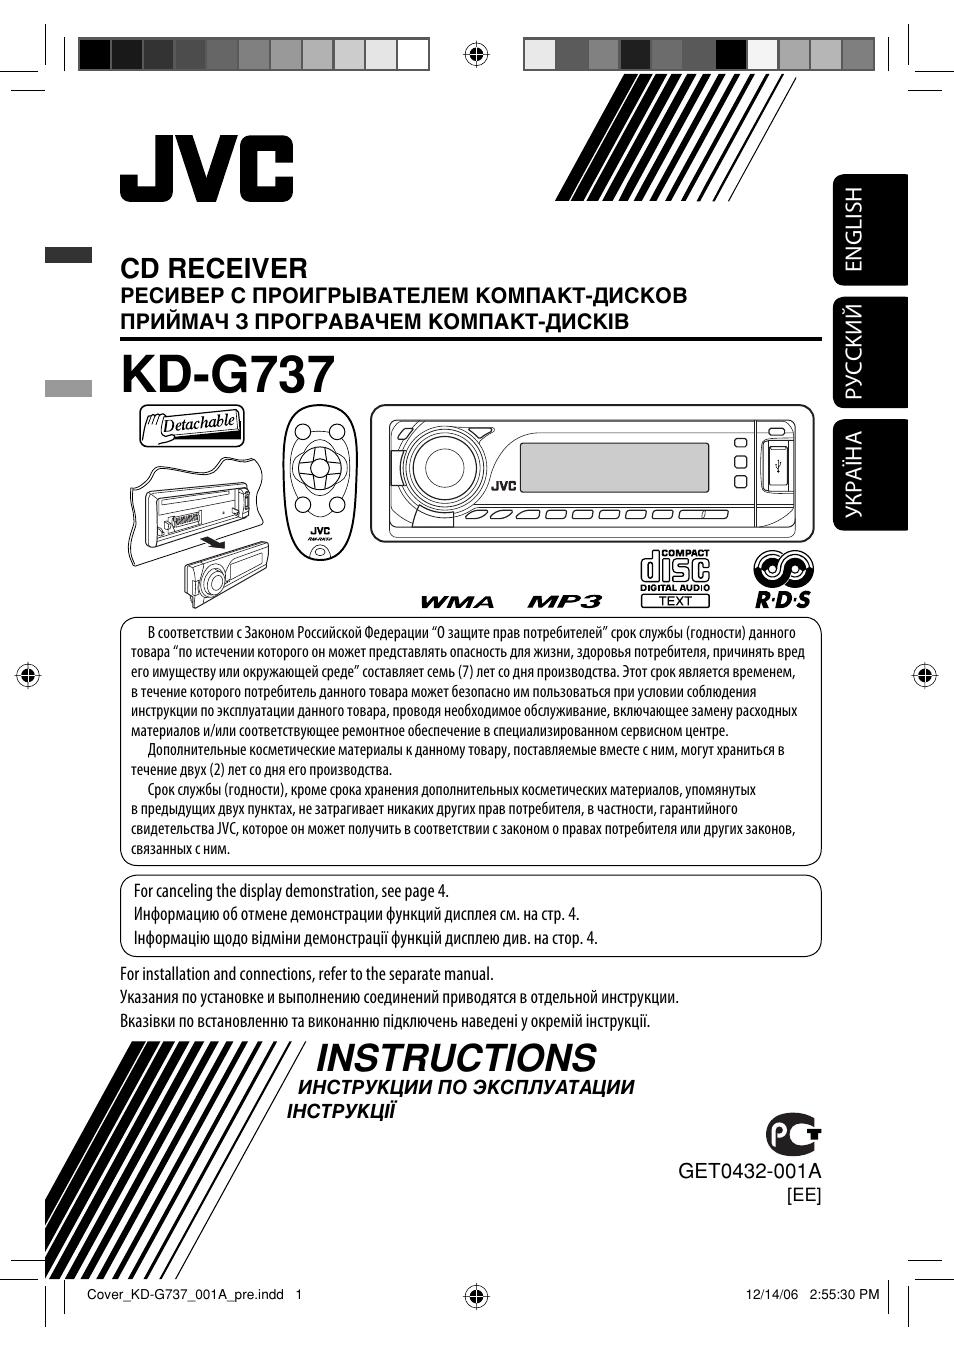 Инструкция автомагнитолы jvc kd g737